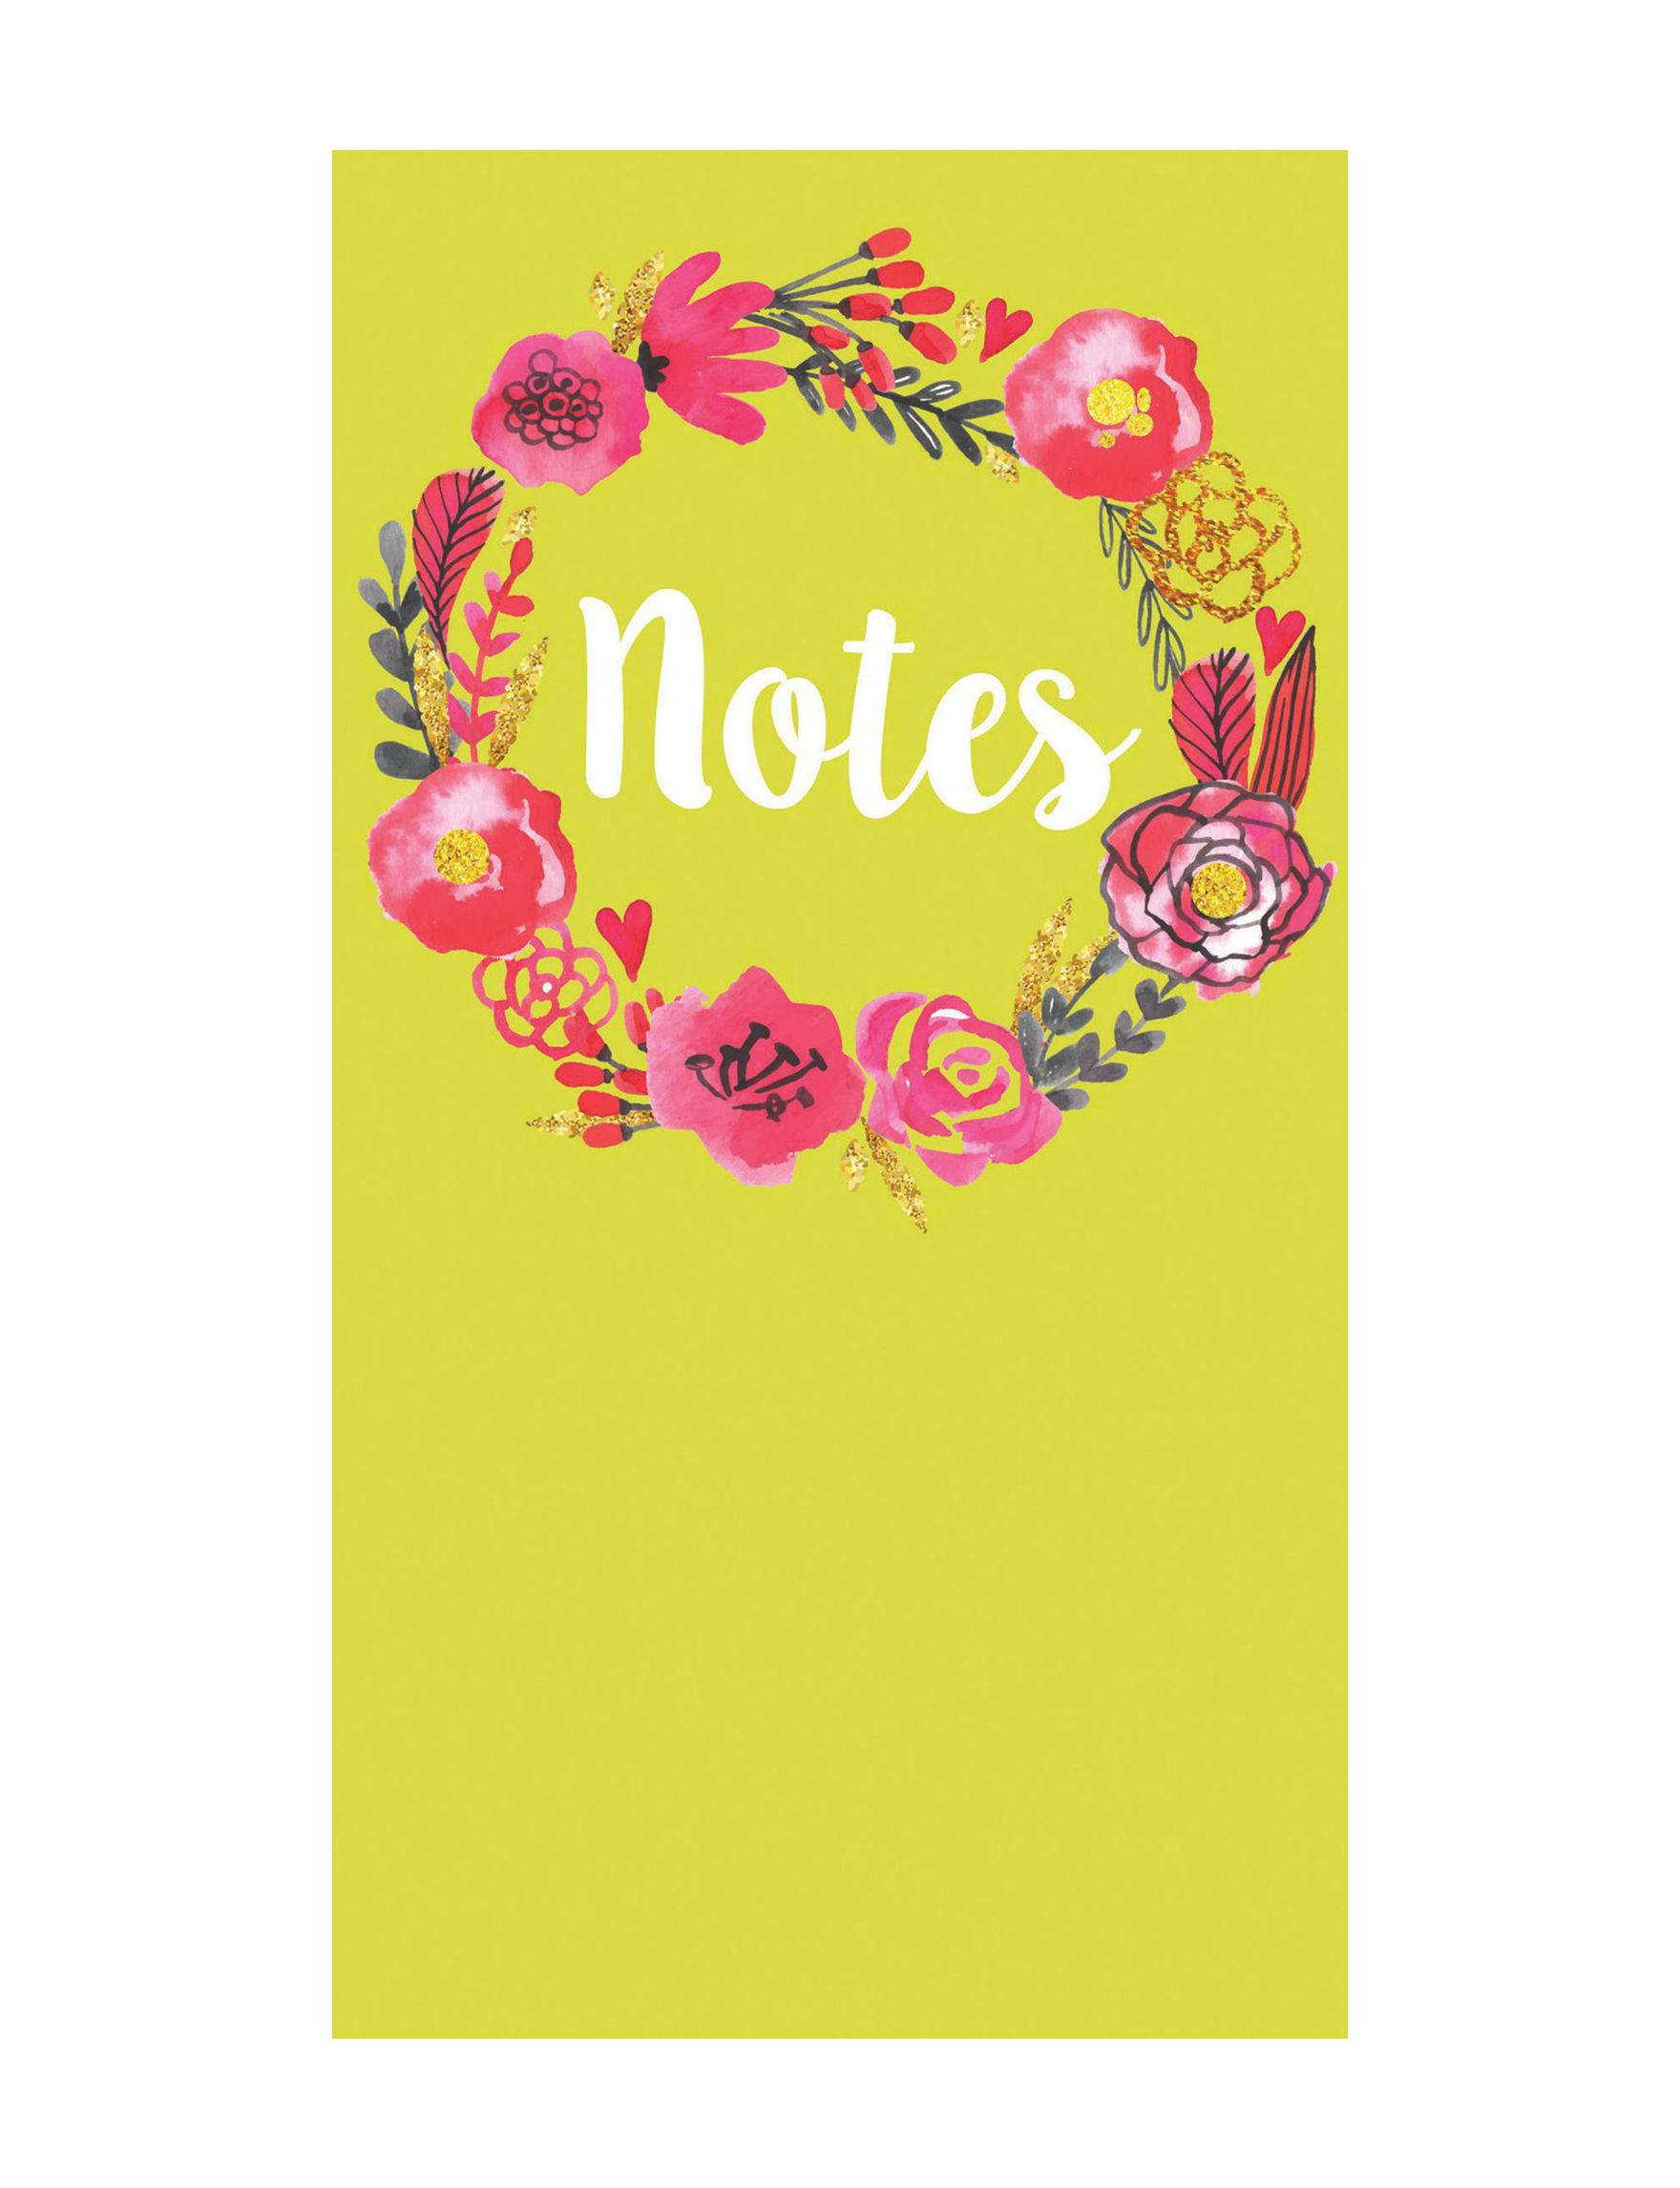 TF Publishing Light Green Journals & Notepads School & Office Supplies